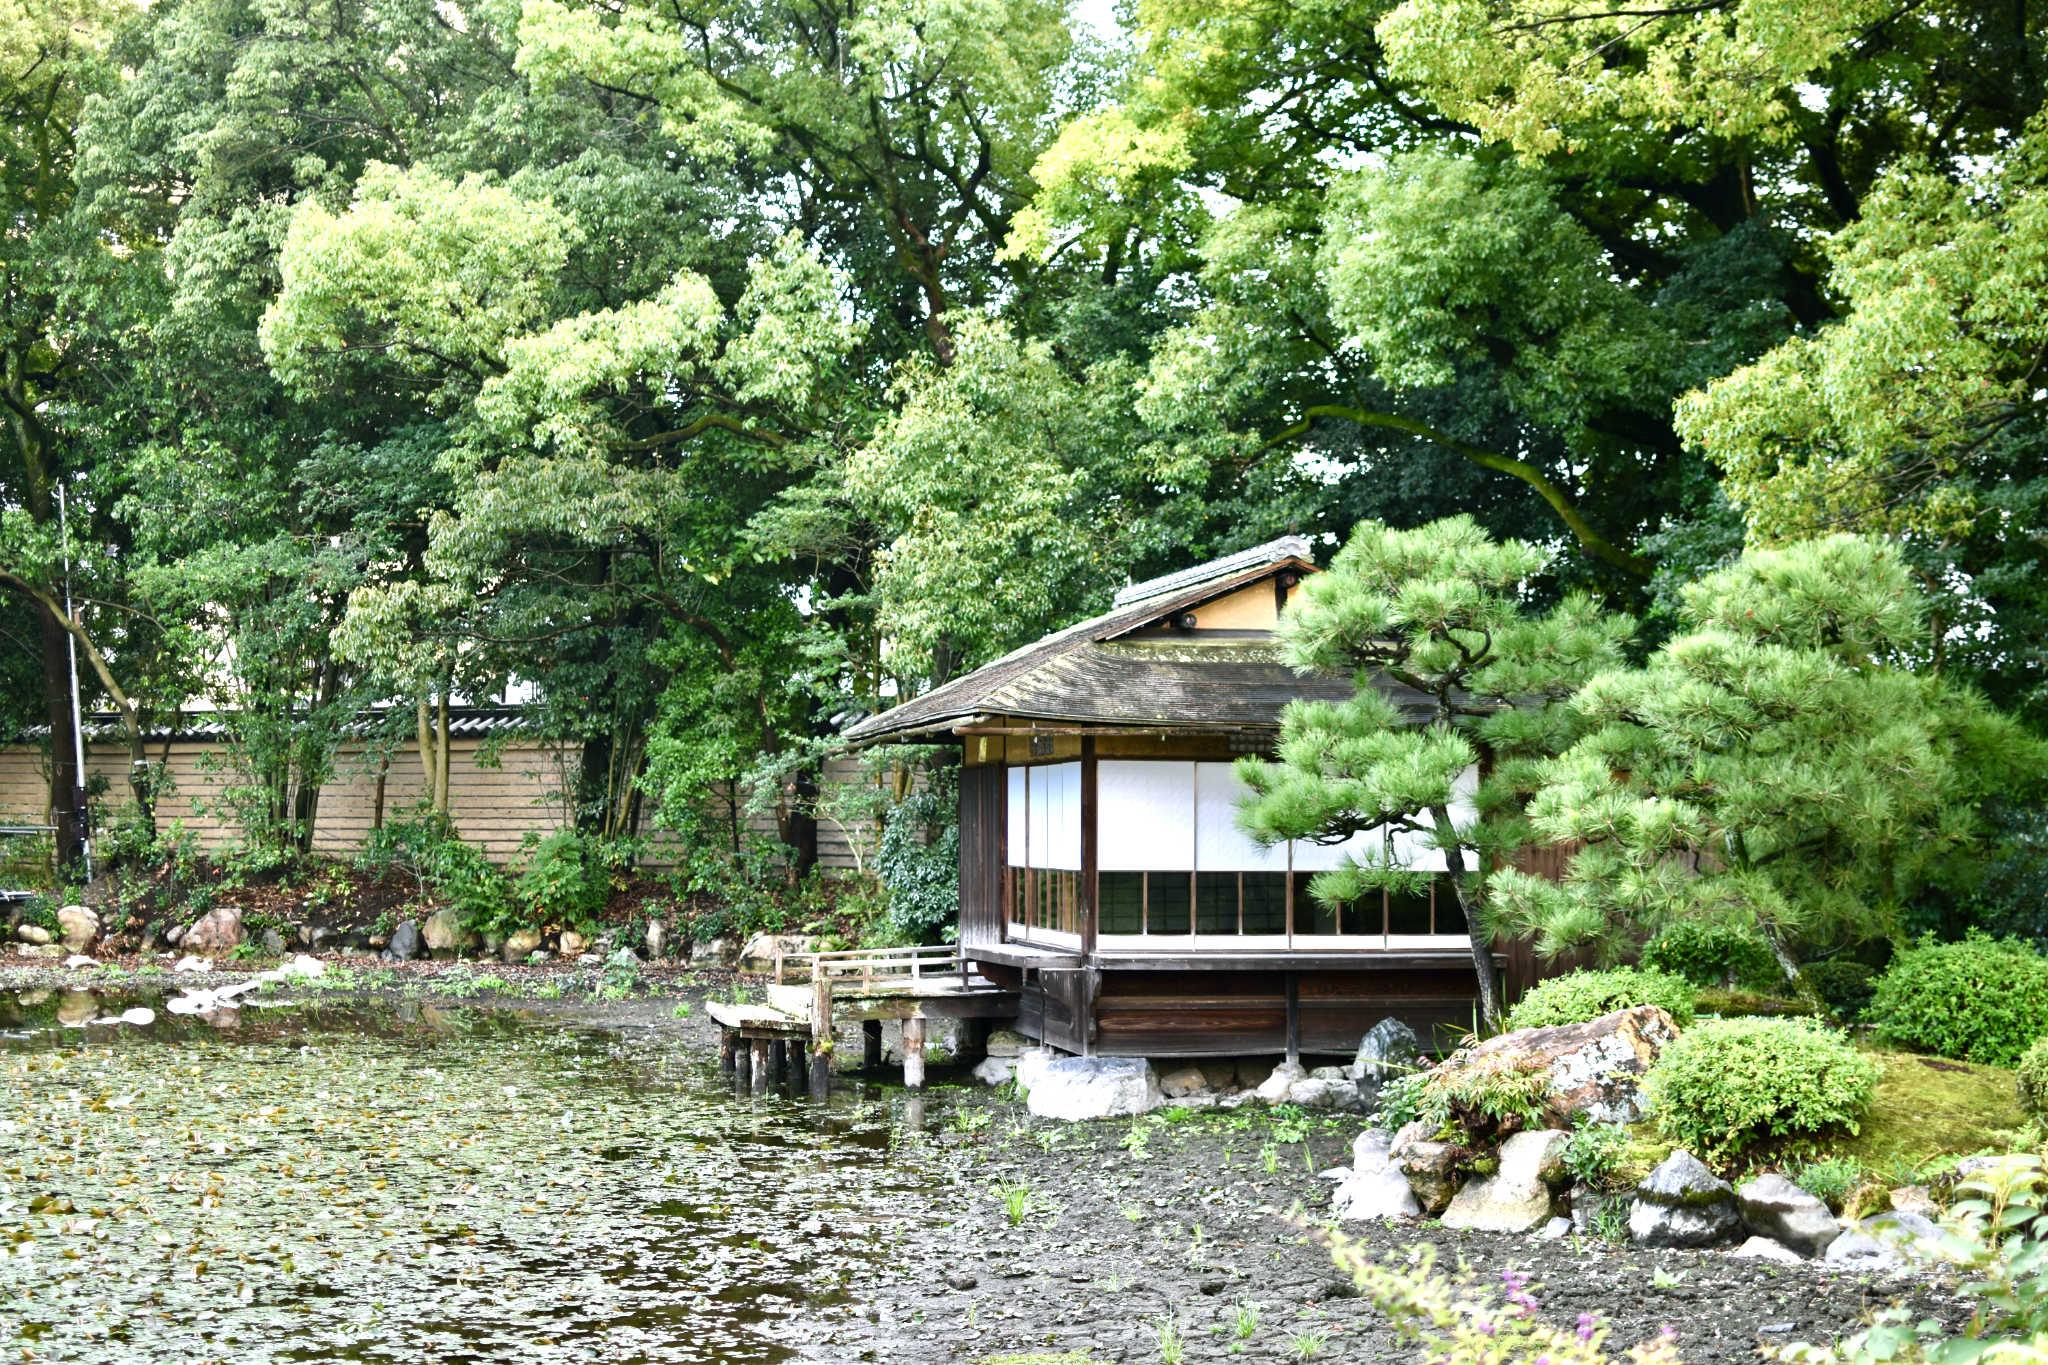 Une autre maison de thé, perdue au milieu des arbres